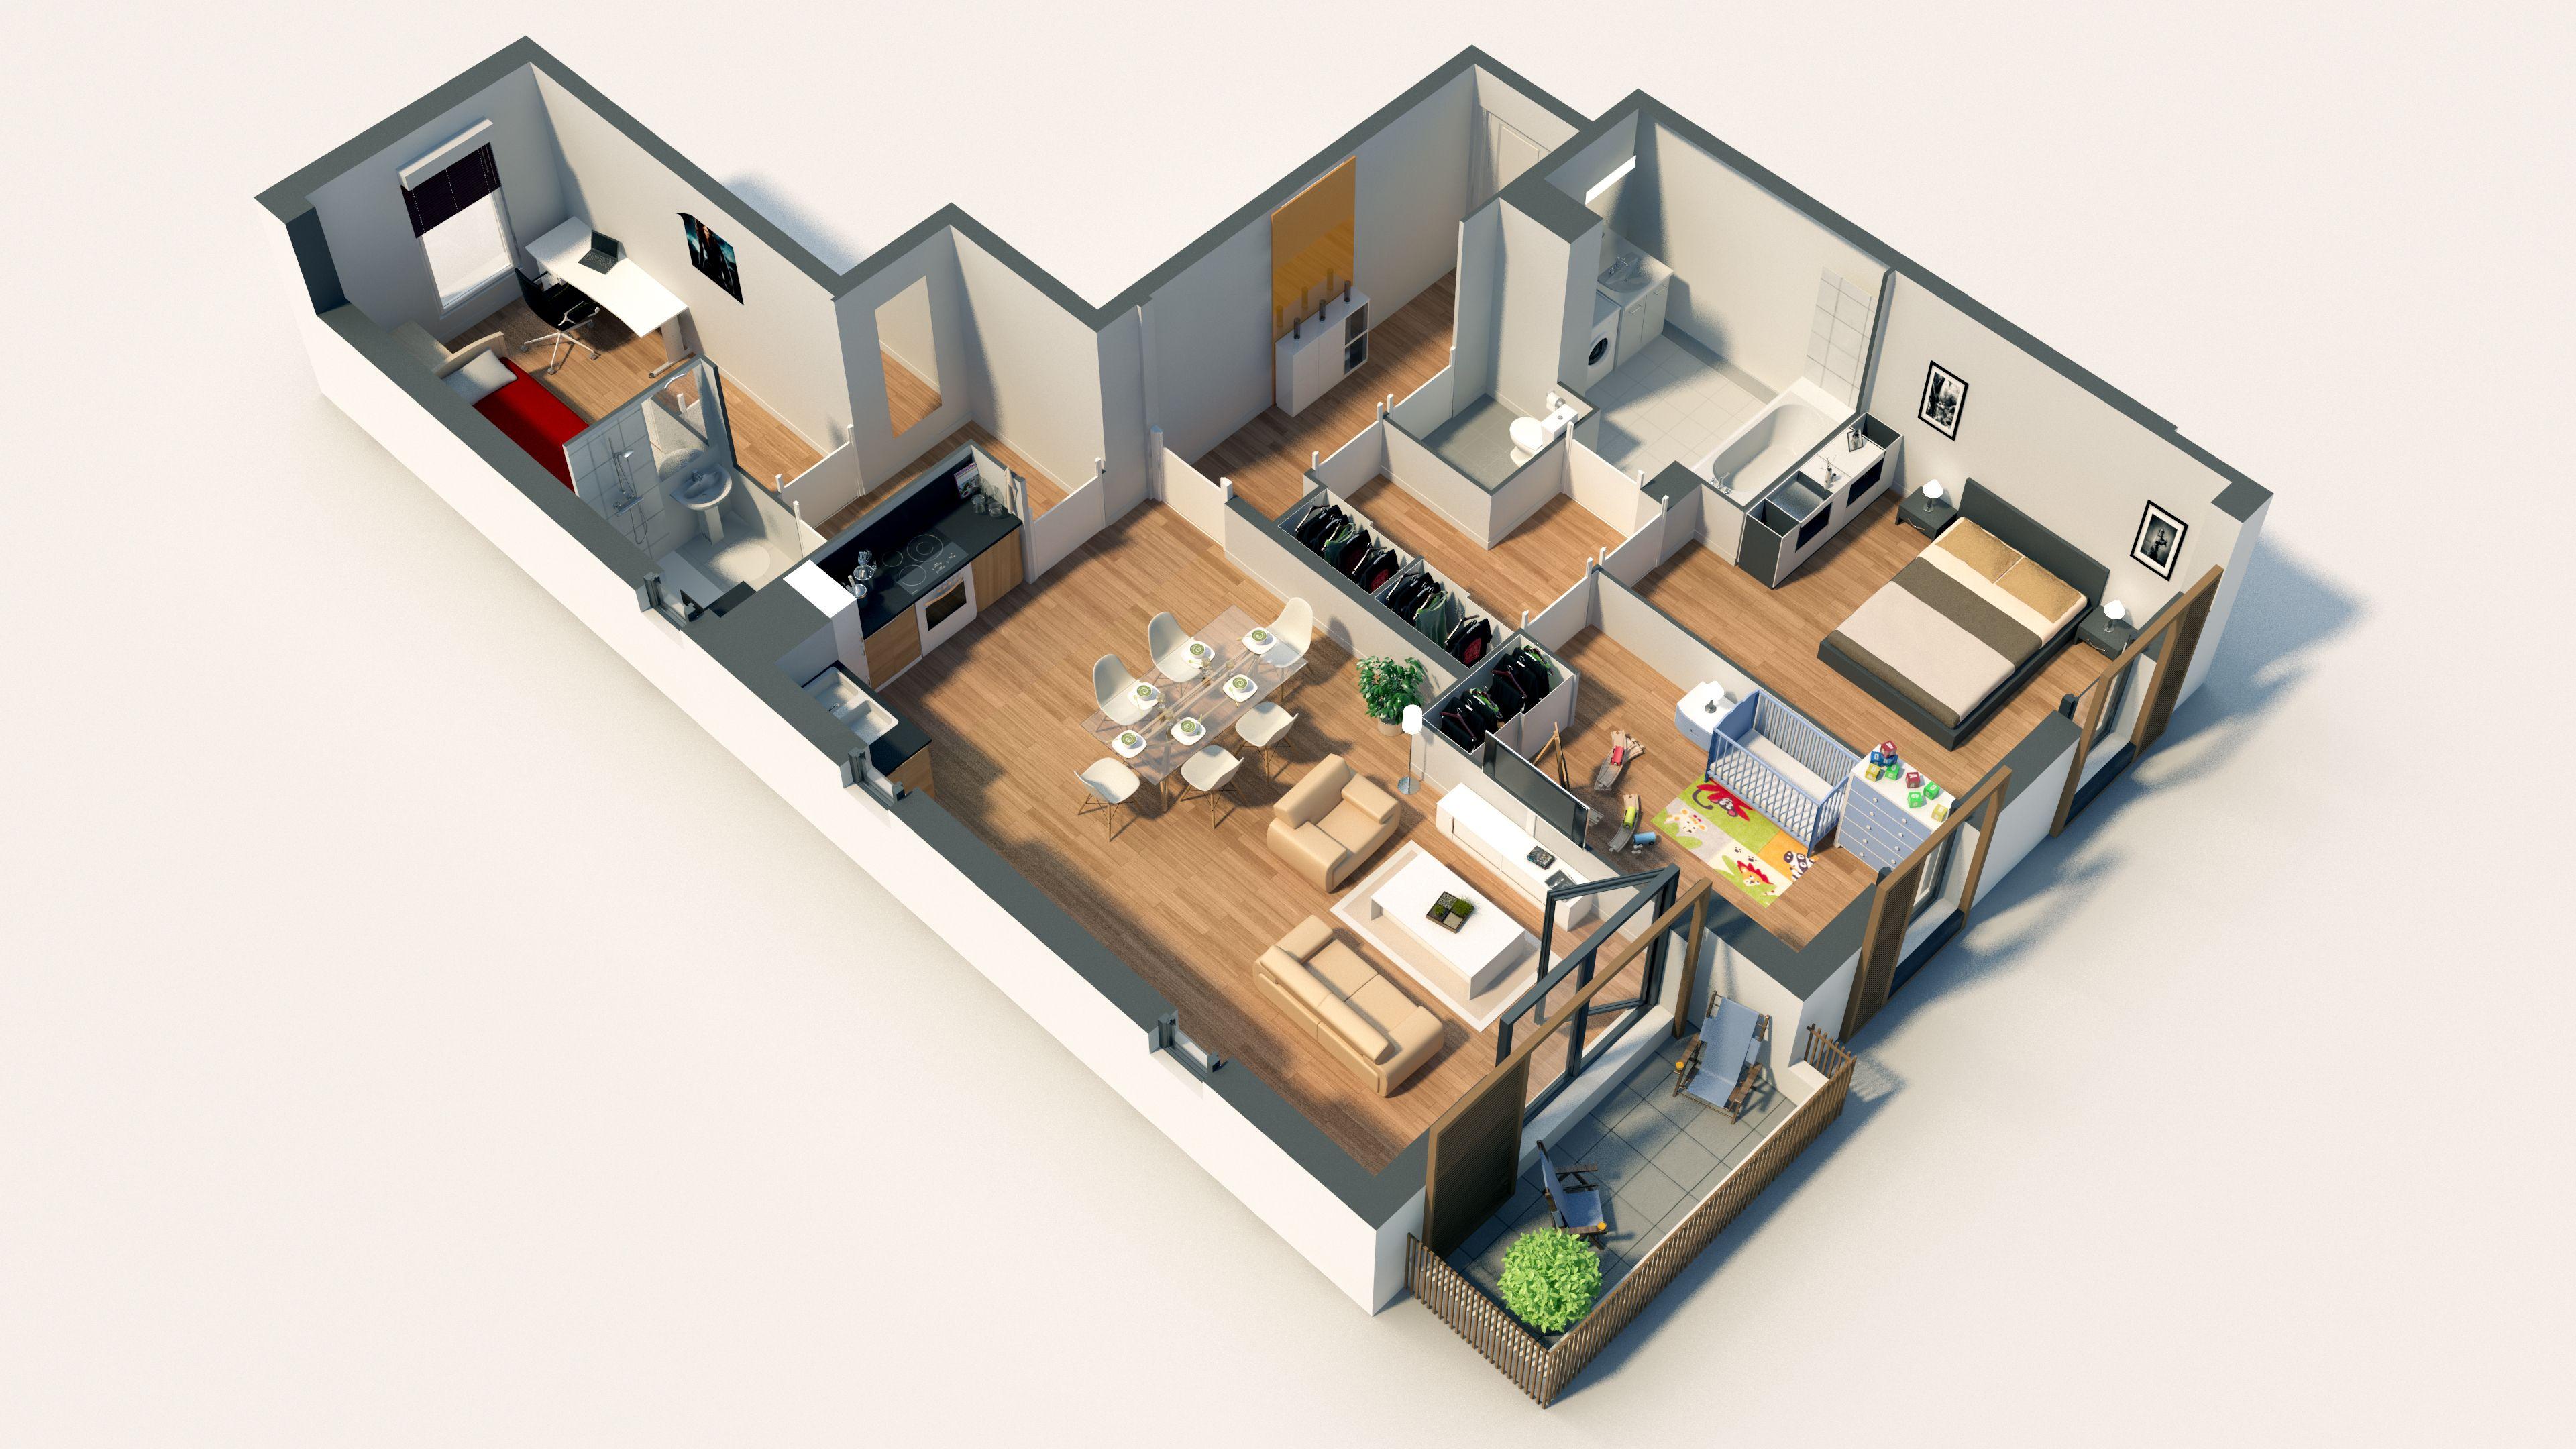 axonom trie d 39 un lot de type t4 issu d 39 un programme. Black Bedroom Furniture Sets. Home Design Ideas